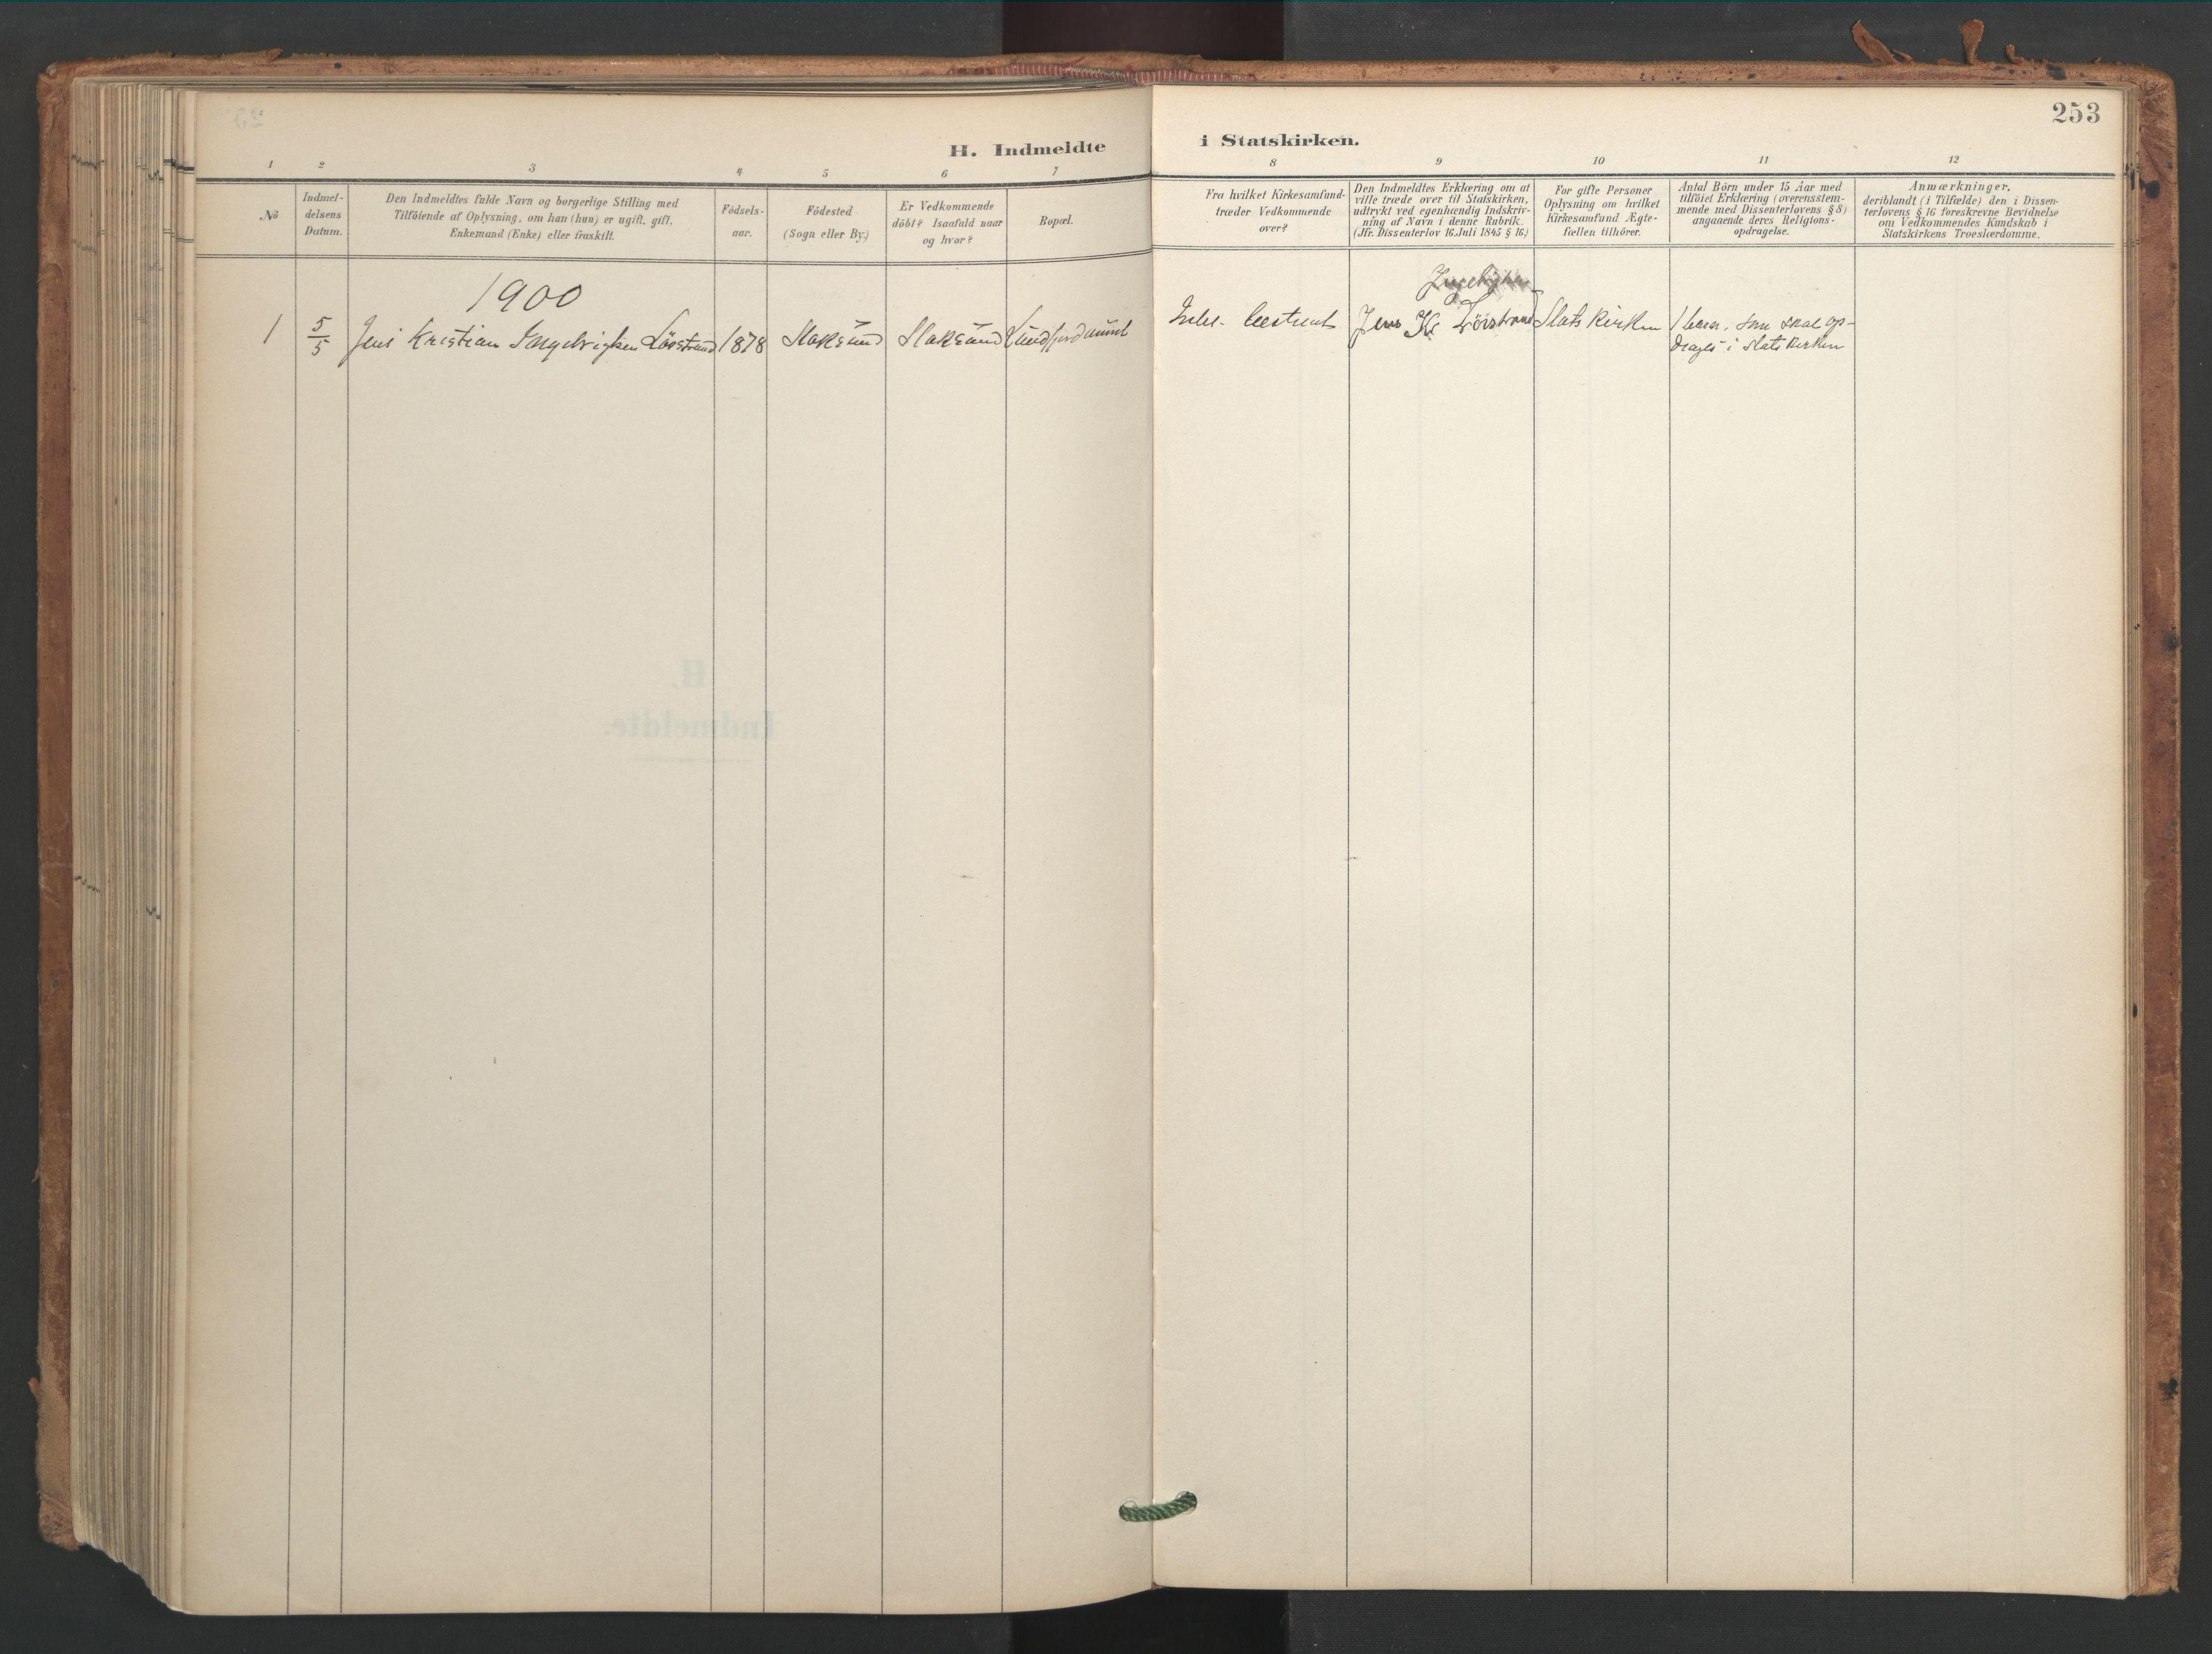 SAT, Ministerialprotokoller, klokkerbøker og fødselsregistre - Sør-Trøndelag, 656/L0693: Ministerialbok nr. 656A02, 1894-1913, s. 253